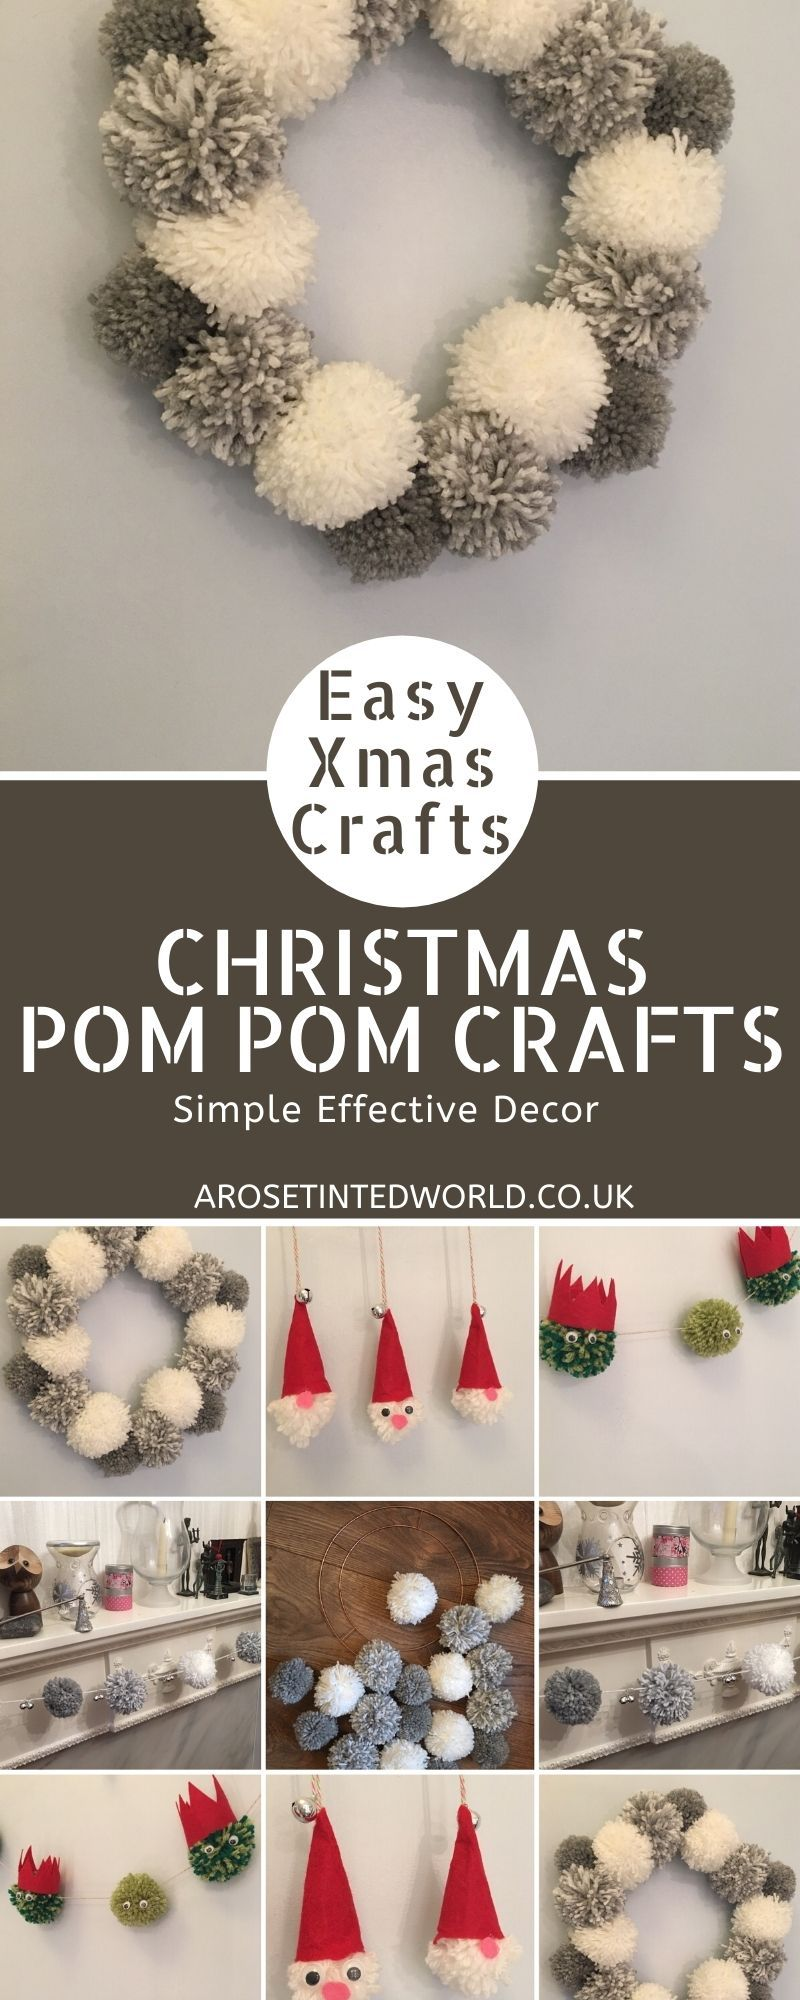 Christmas Pom-Pom Crafts - make these pretty and simple Christmas decorations -   18 xmas decorations to make kids ideas